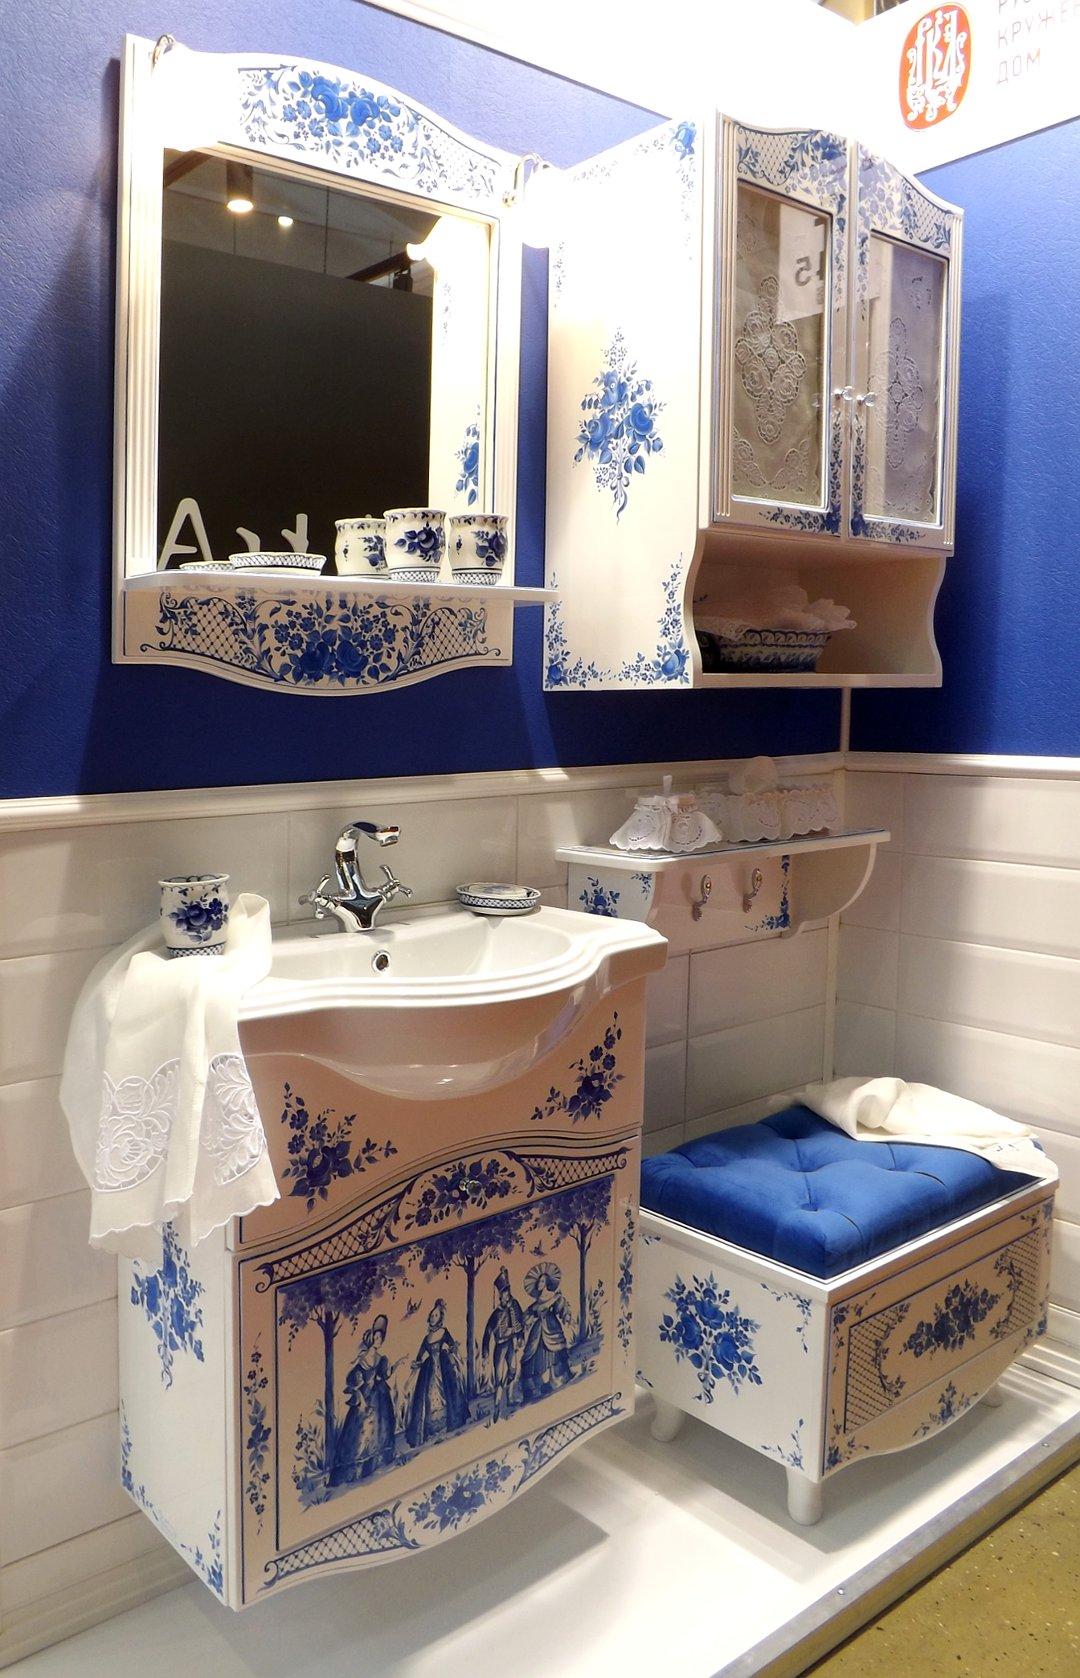 Комплект мебели и санкерамики для ванной комнаты, украшенный росписью в стиле Гжель, представленный на выставке MosBuild 2017 в Москве